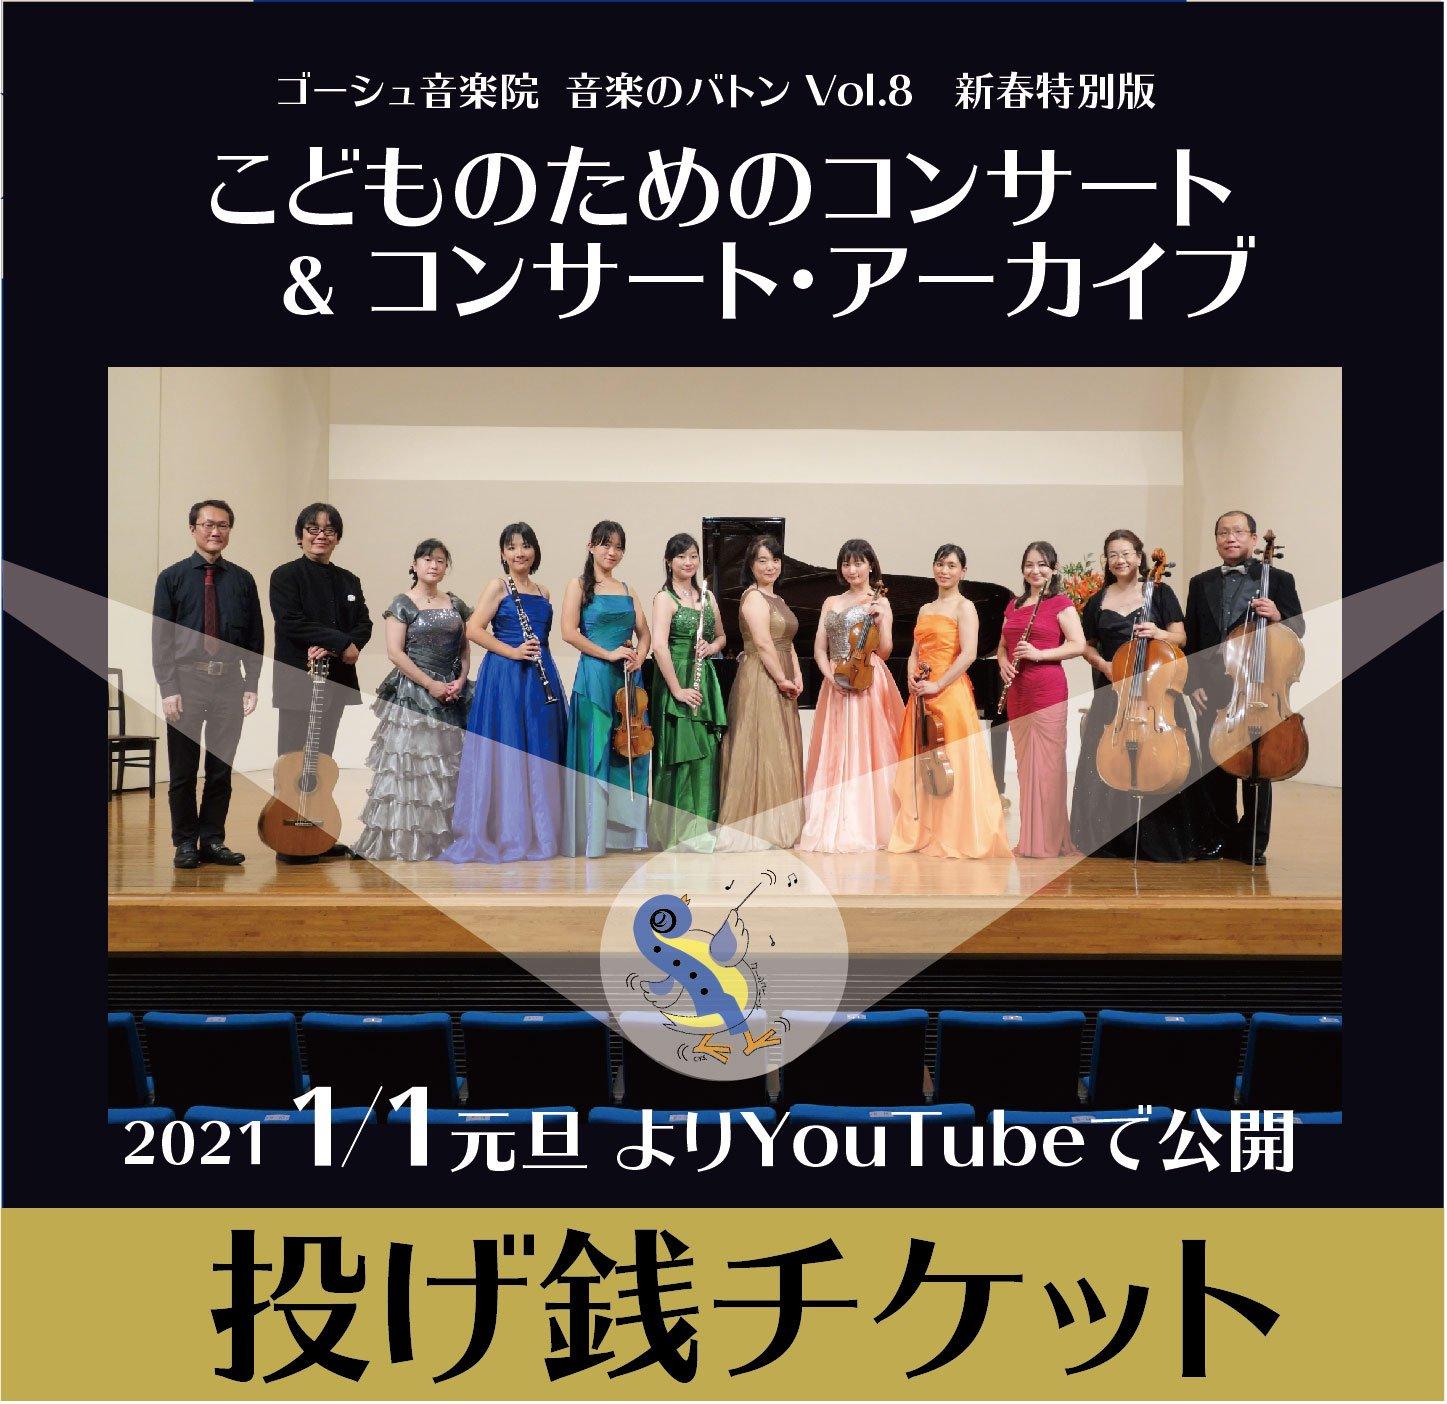 こどものためのクラシック & コンサート・アーカイブ 投げ銭チケット 1口1000円 2021年1月1日(金)公開のイメージその1